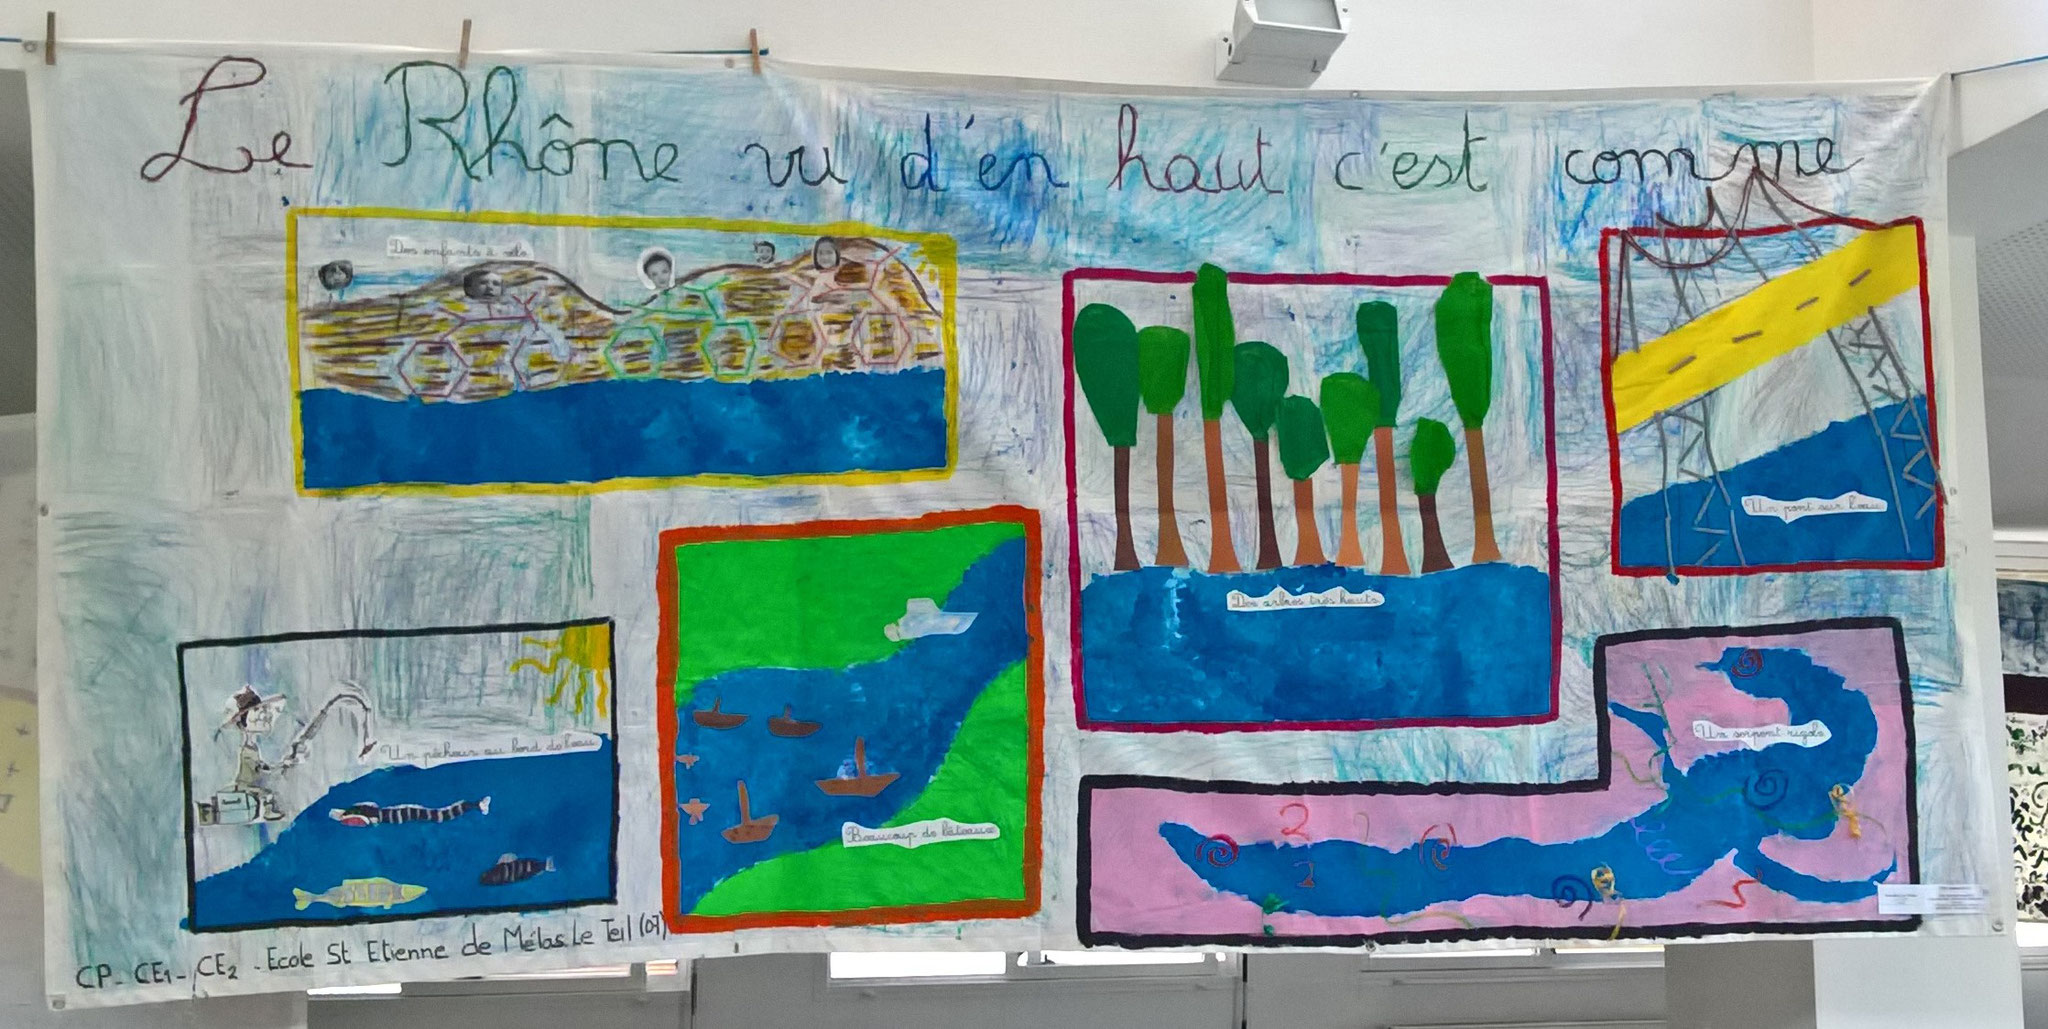 Ecole Saint-Etienne de Mélas, Le Teil (07), CP/CE1/CE2